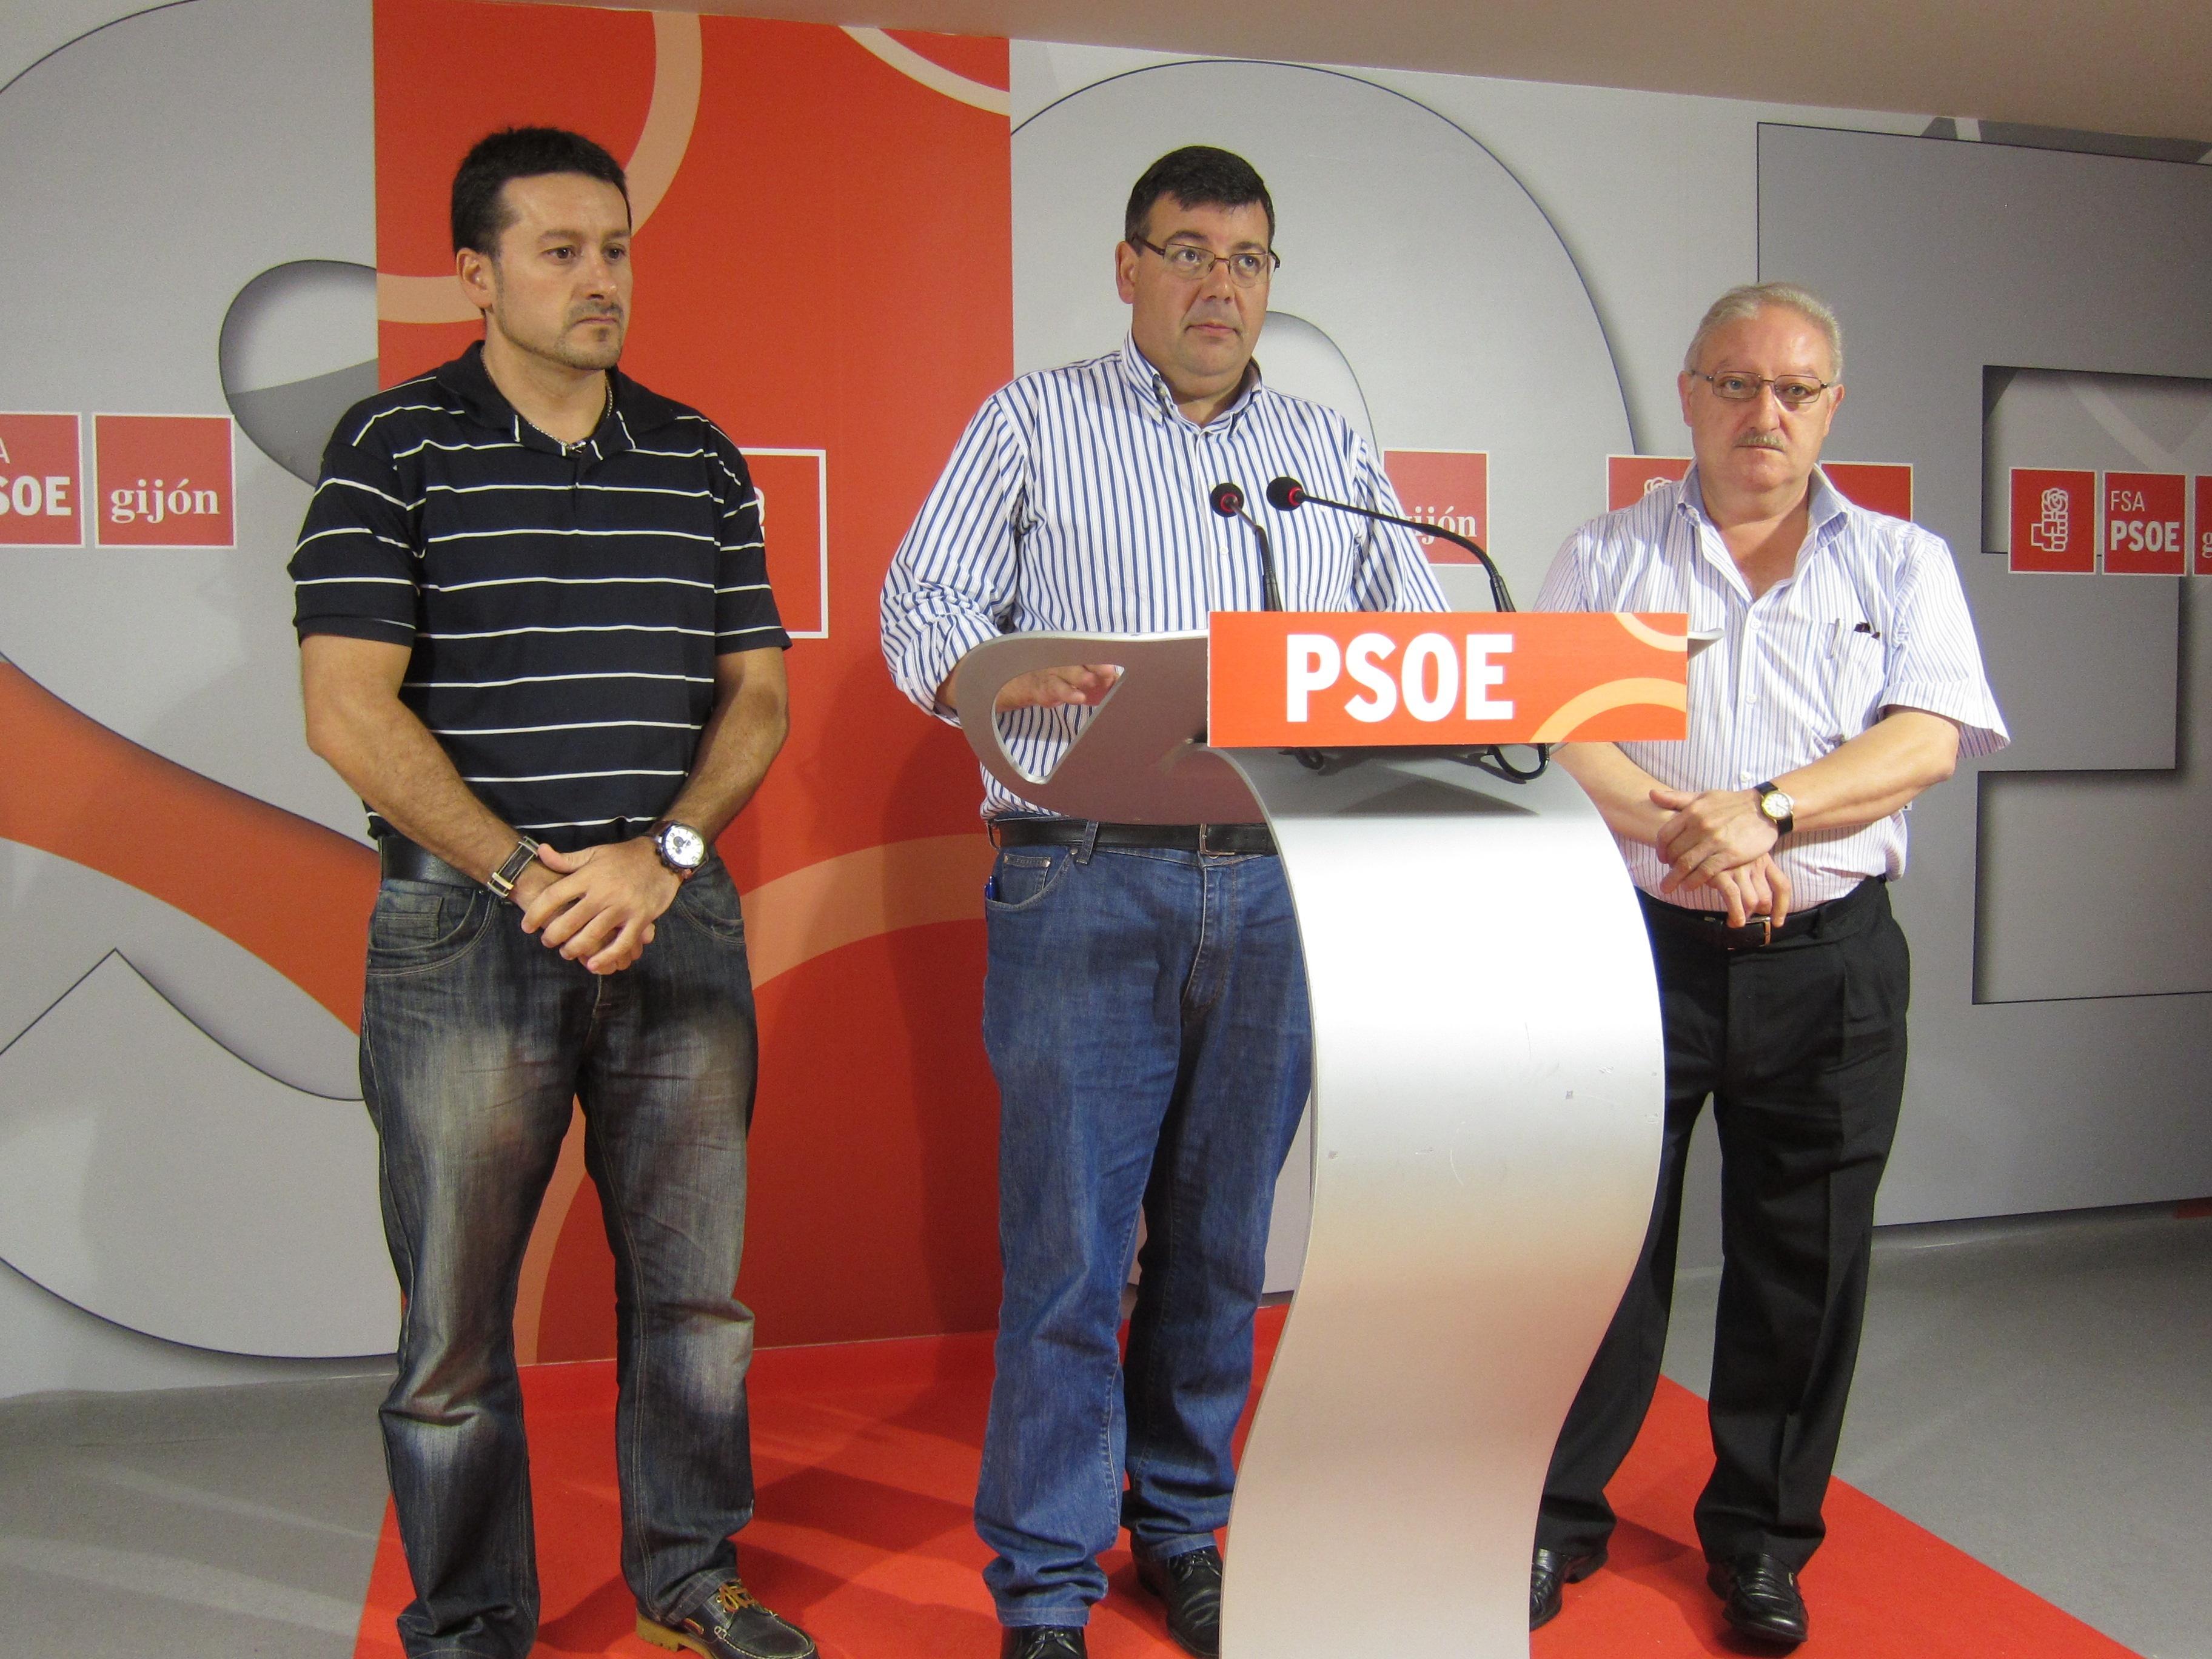 Tenneco quiere ofrecer recolocaciones en Polonia y Sudáfrica y llevar la maquinaria para otras plantas, según UGT